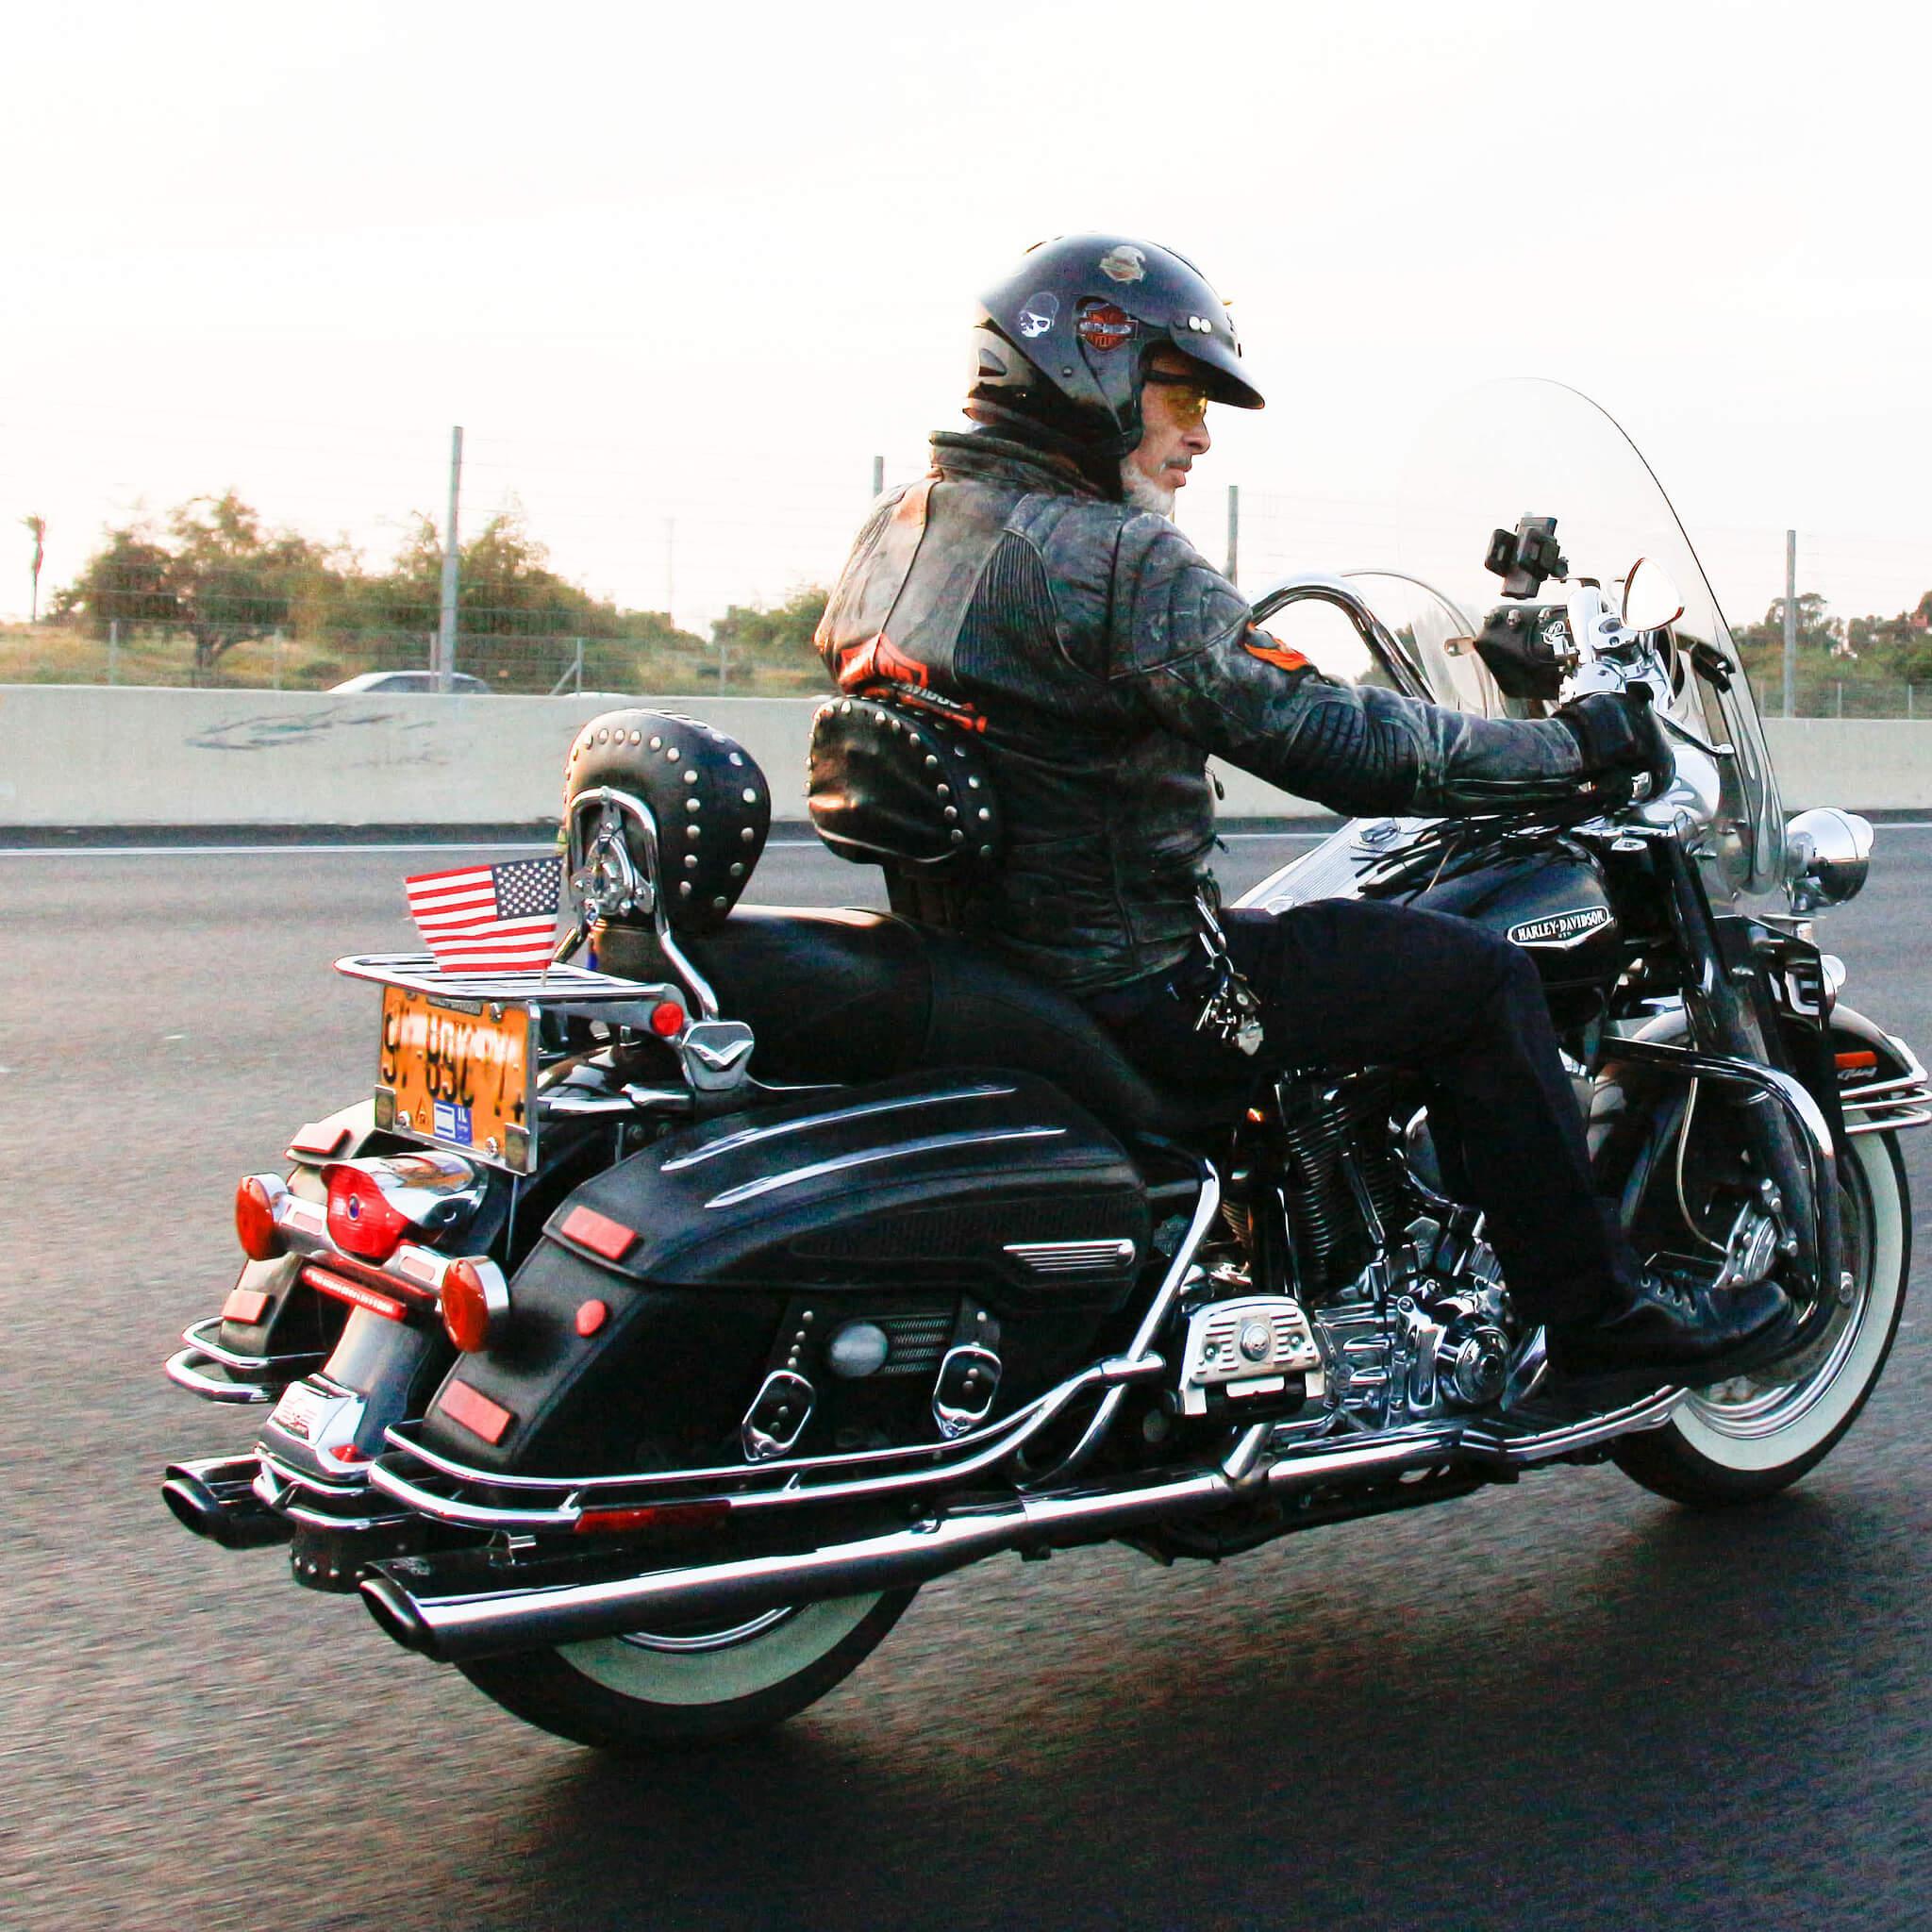 【大型自動二輪車免許】大型バイクは漢(おとこ)の憧れだぜ!